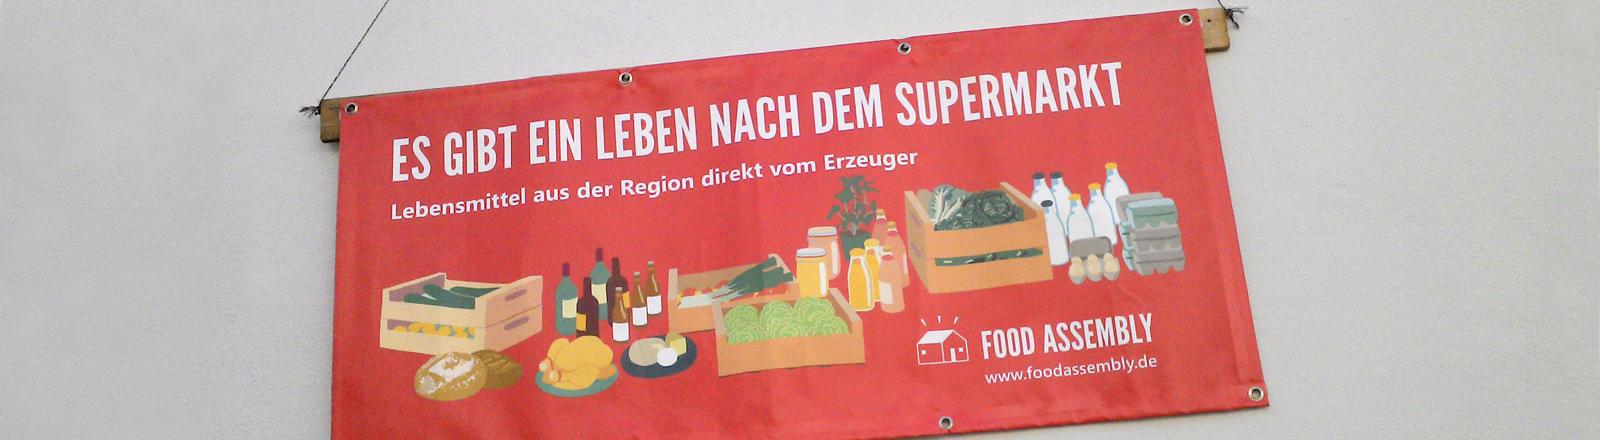 Lokale Erzeugnisse auf einem Markt.